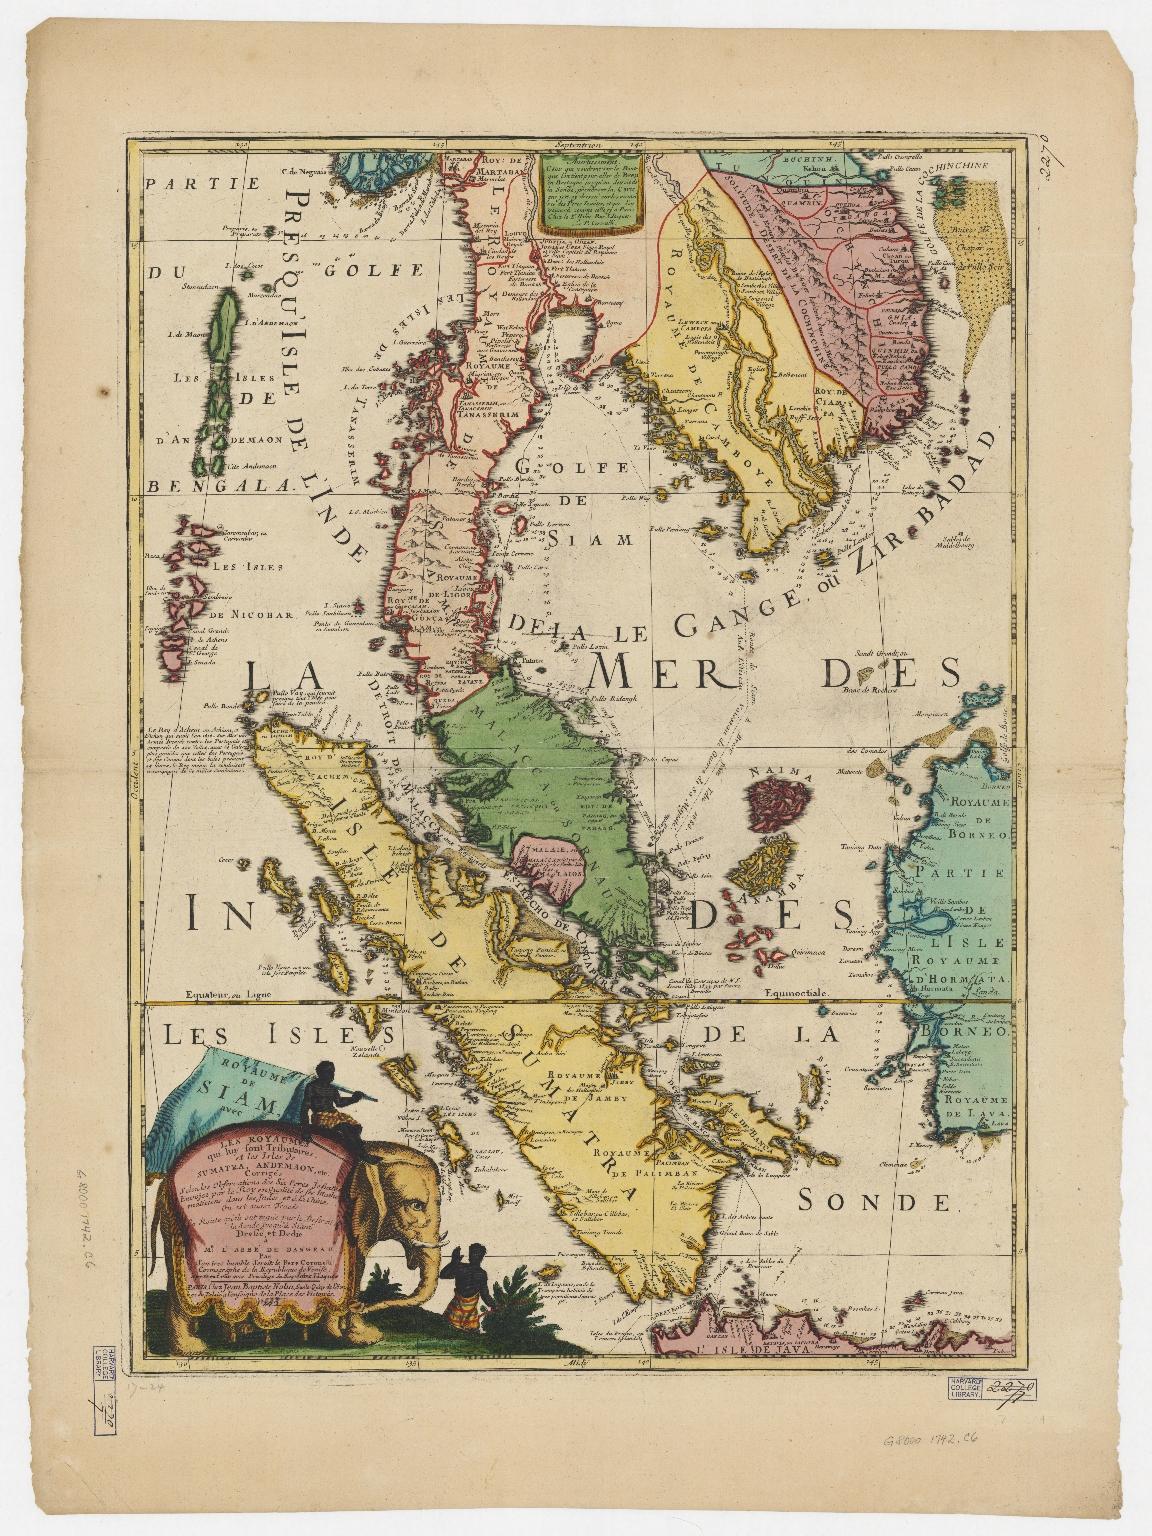 Royaume de Siam, avec les royaumes qui luy sont tributaires, et les isles de Sumatra, Andemaon, etc.